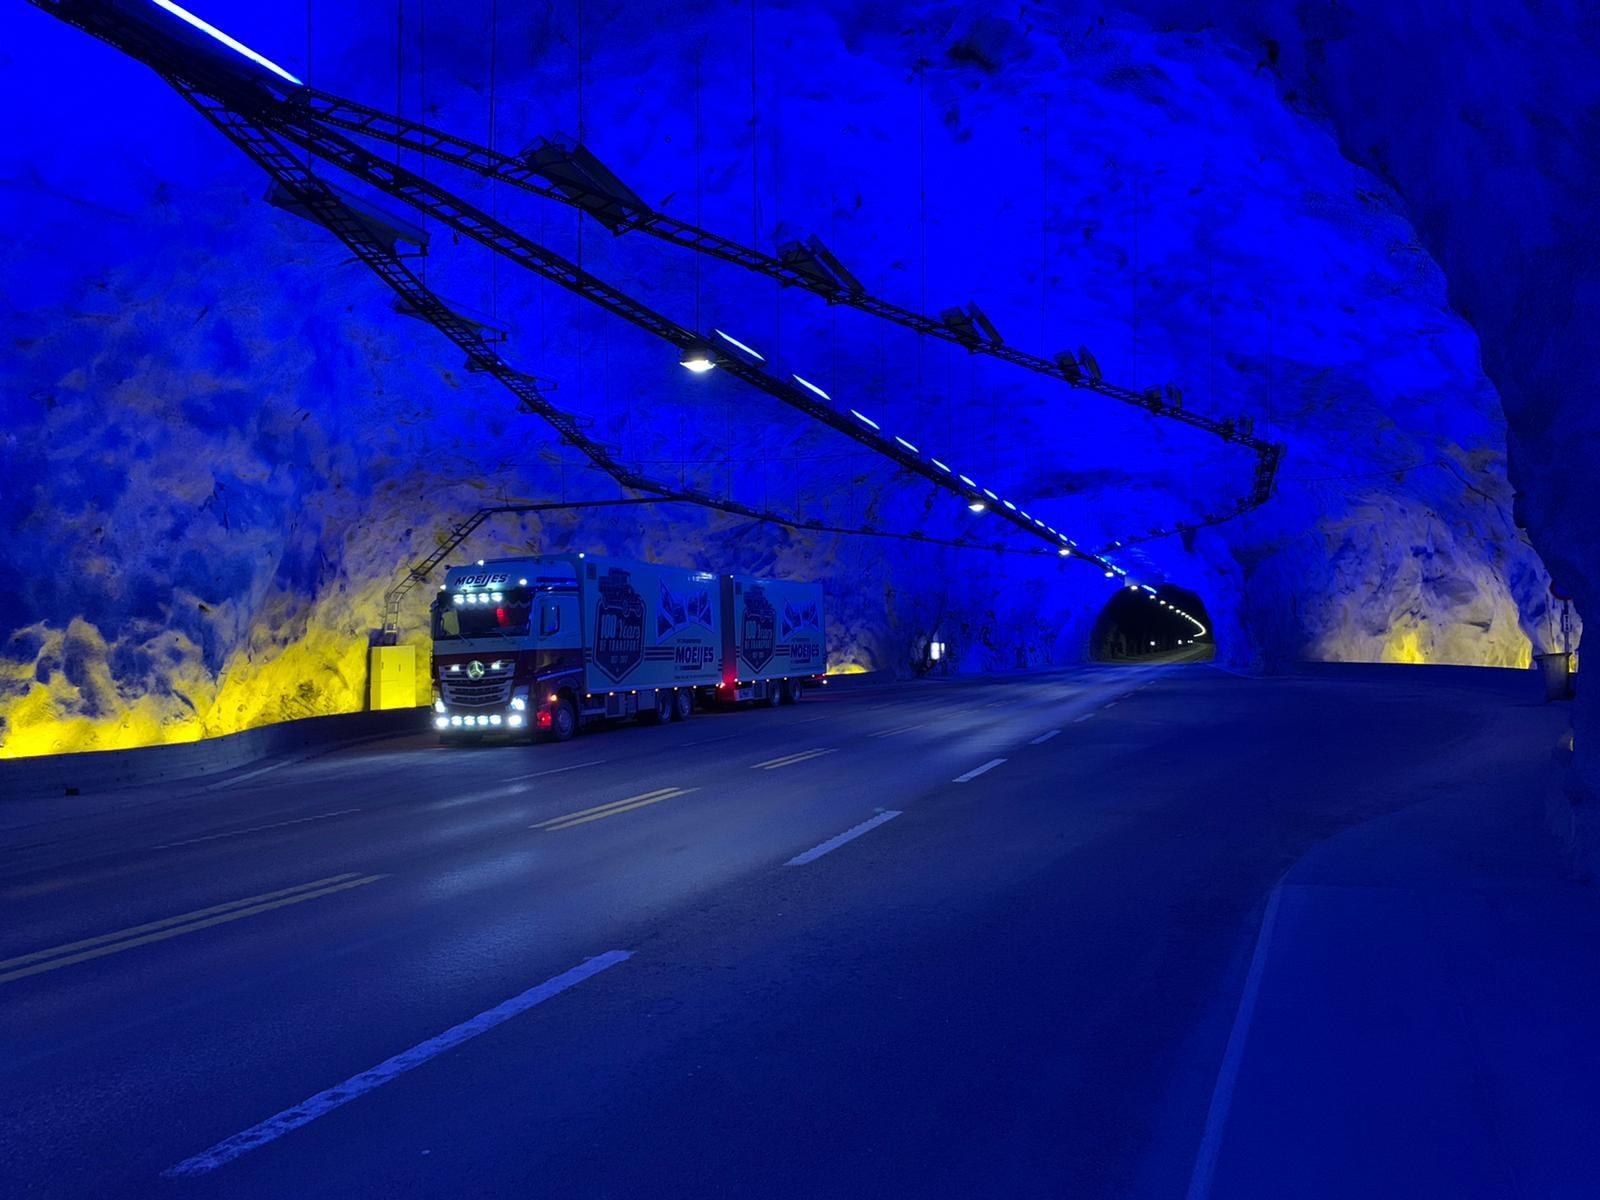 Danny-onderweg-naar-Bergen-in-Noowegen-Laerdalstunnel-23-3-2021--(1)